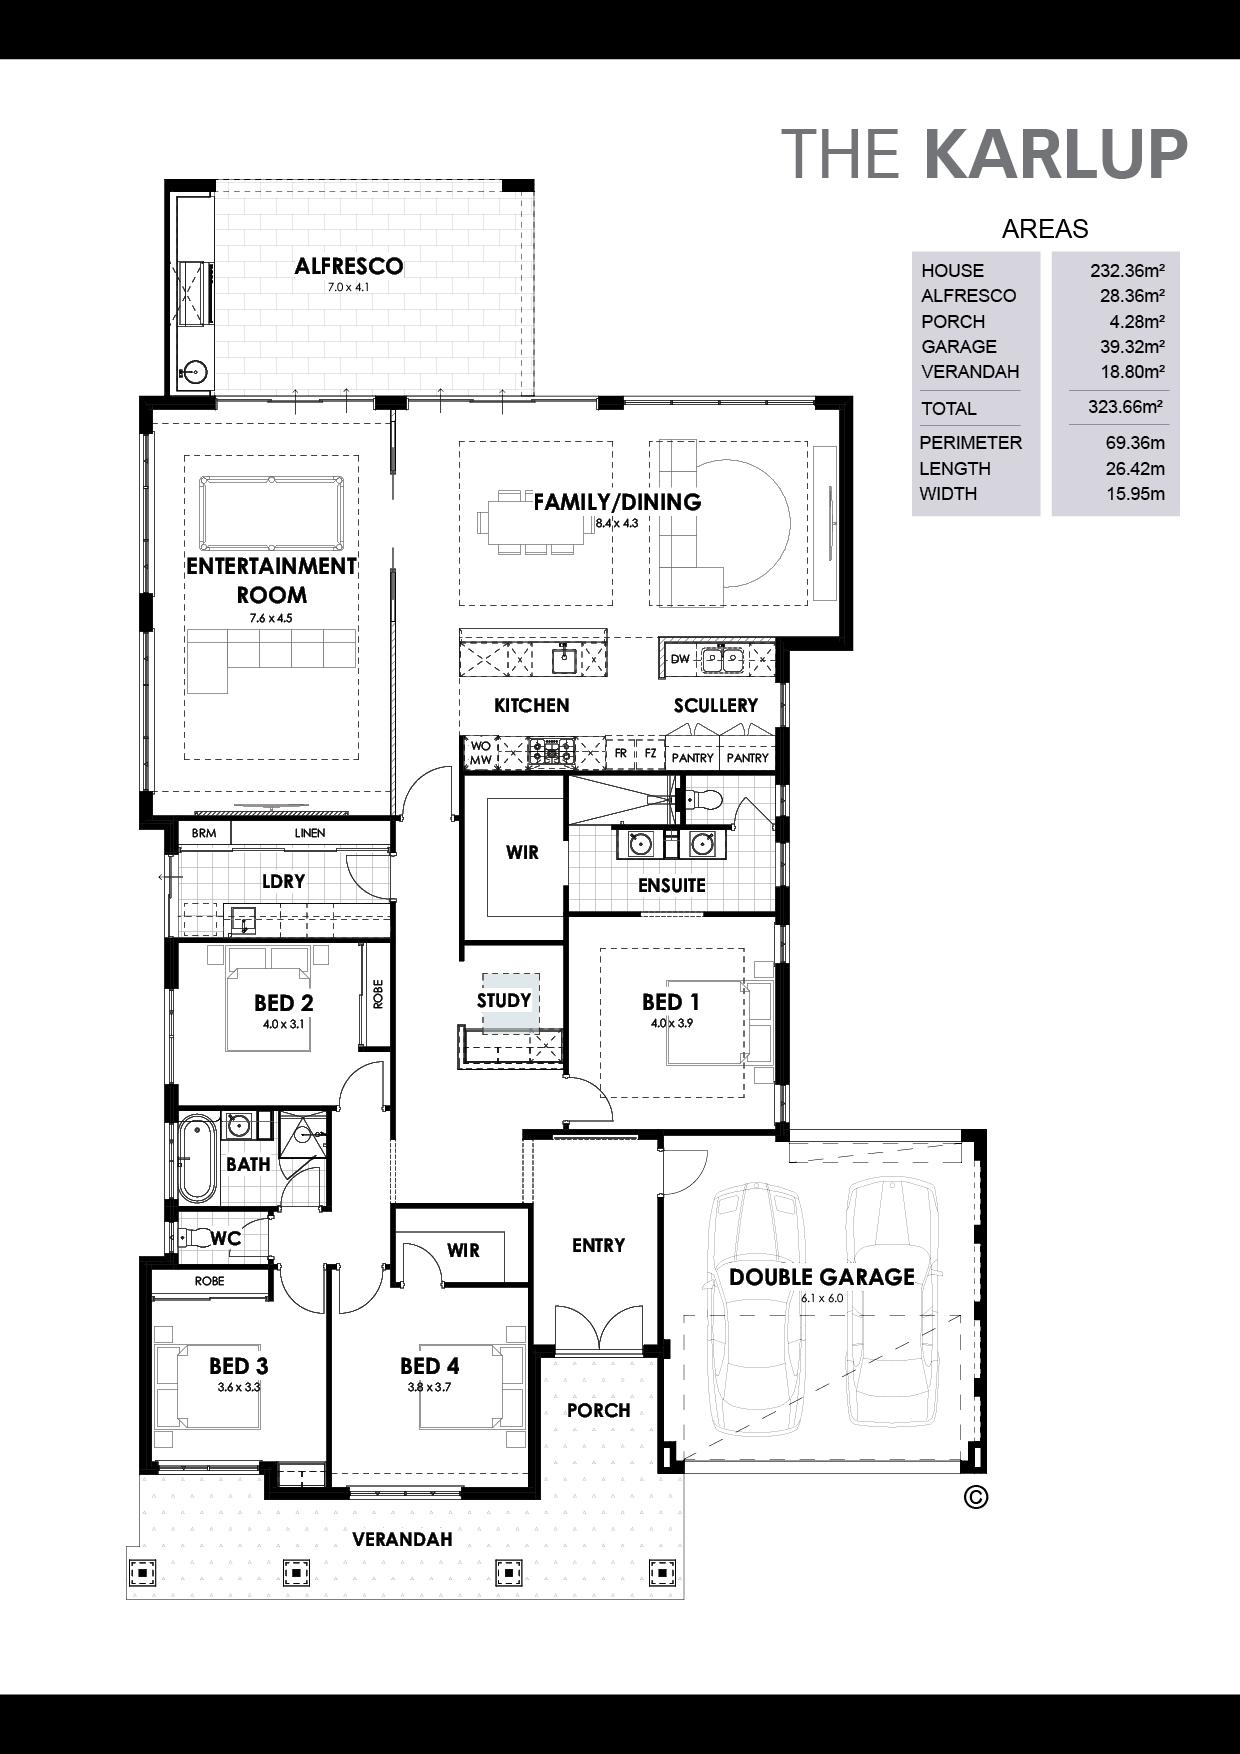 The Karlup Floorplan